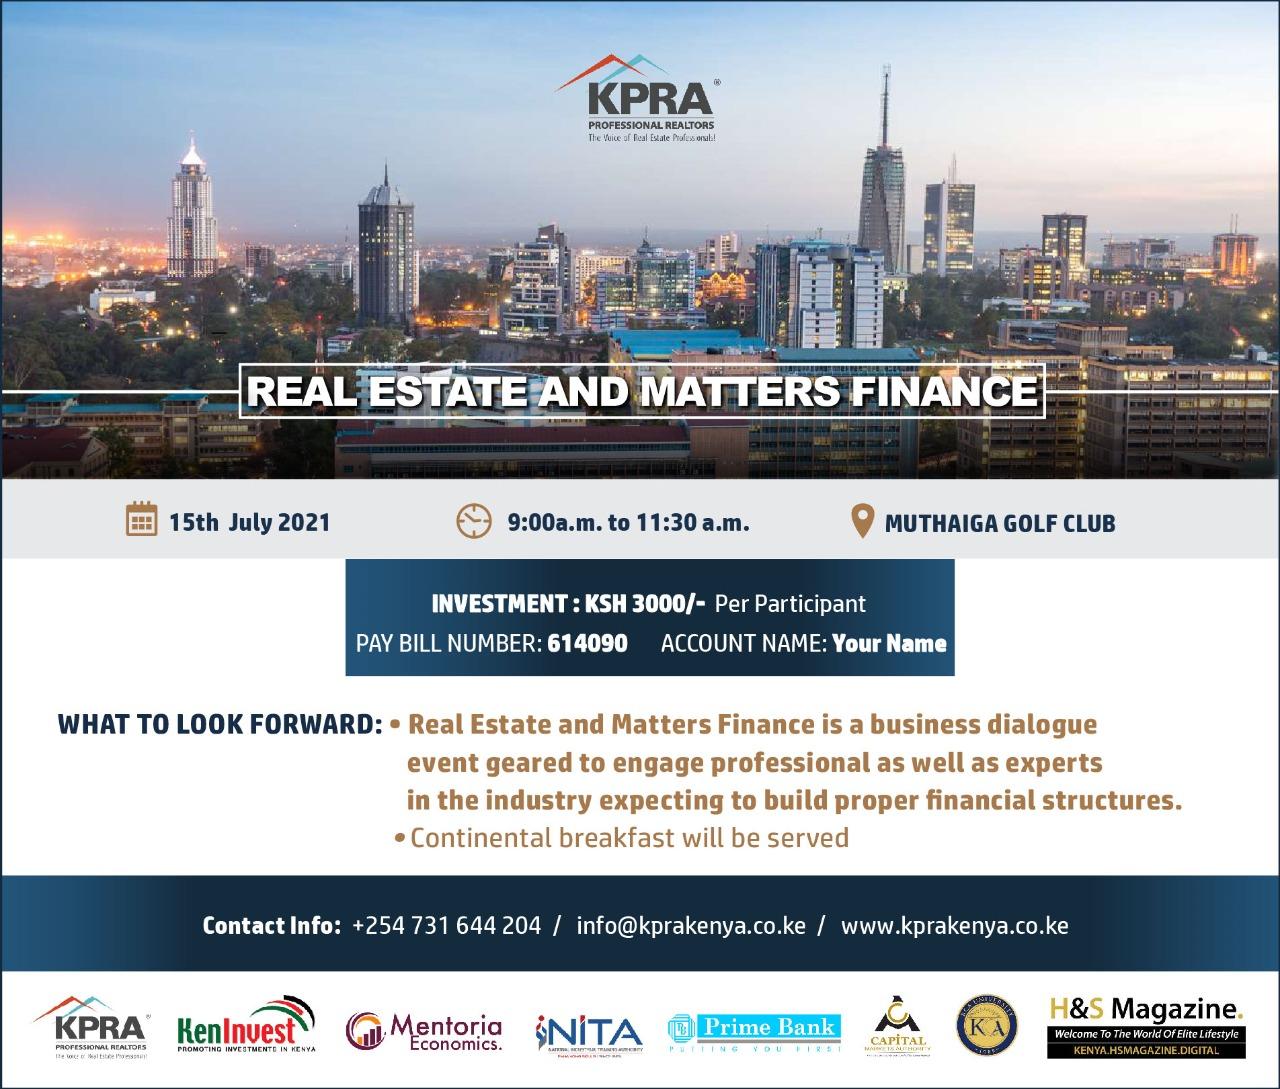 KPRA - Real Estate